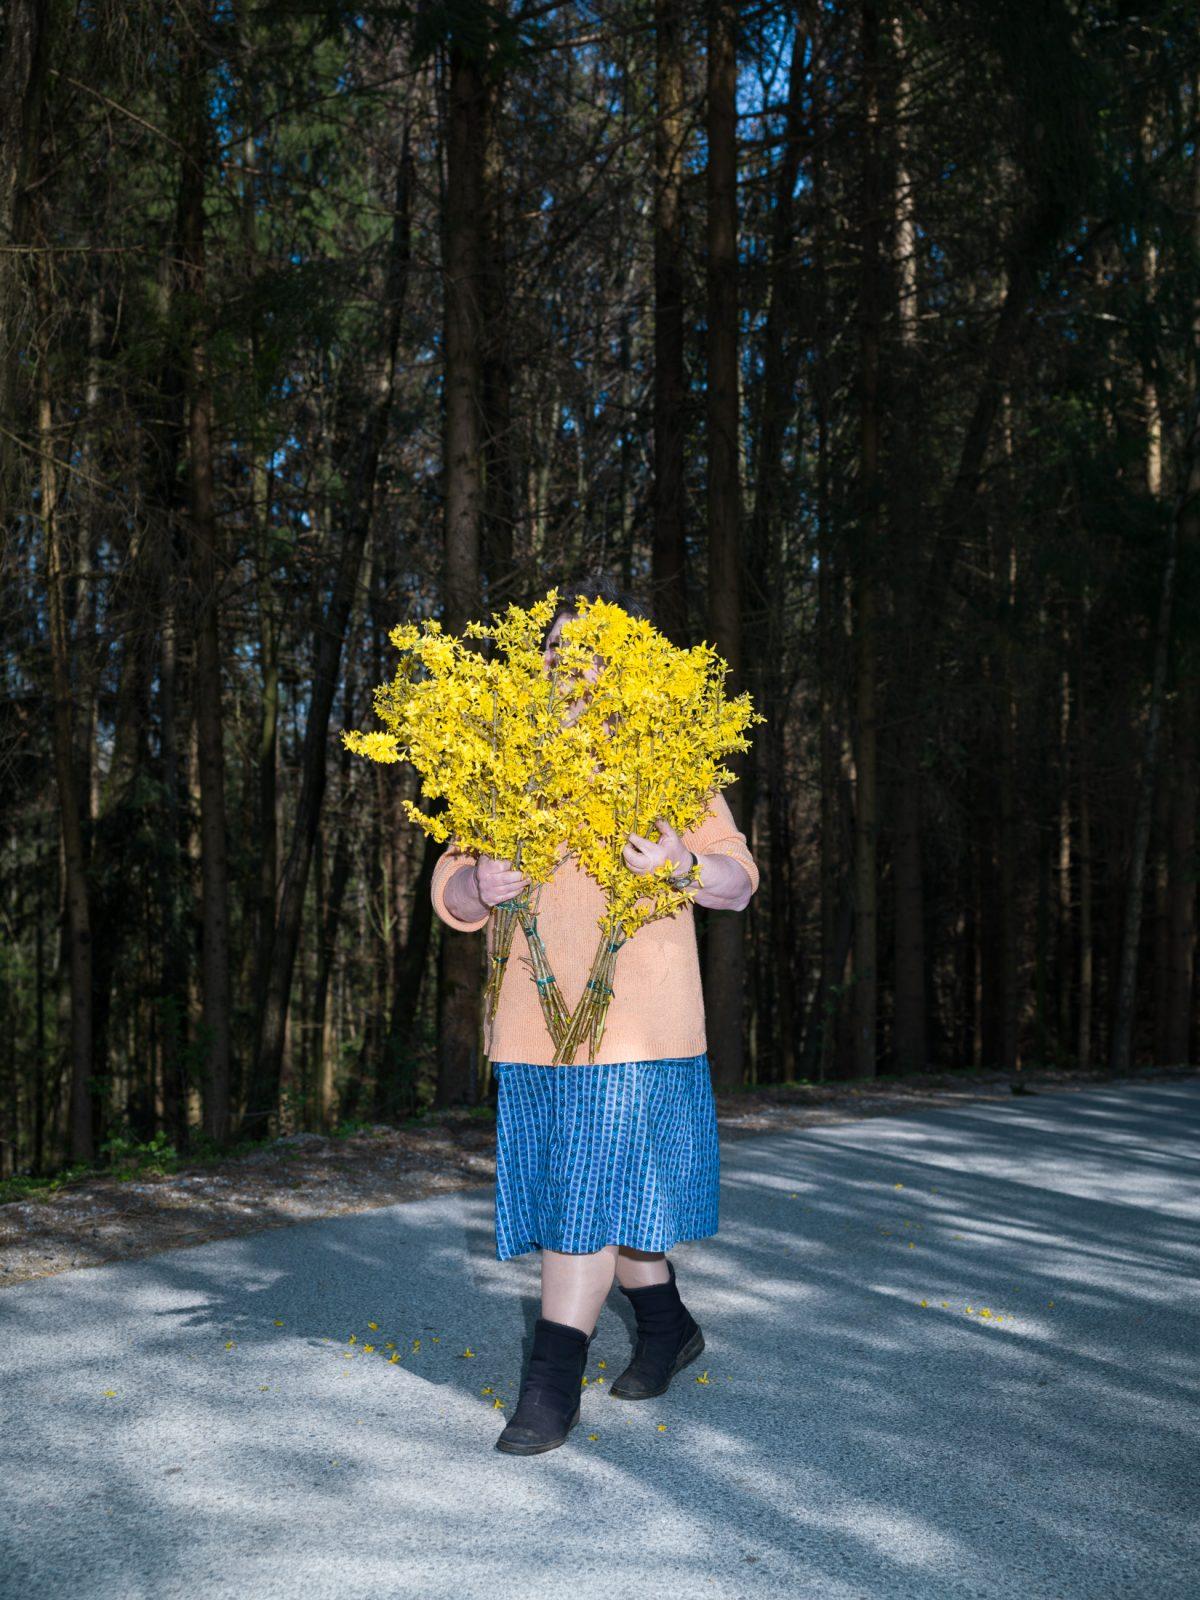 """Extrait de """"Auf der Suche nach dem Glück"""" / © Erwin Polanc"""